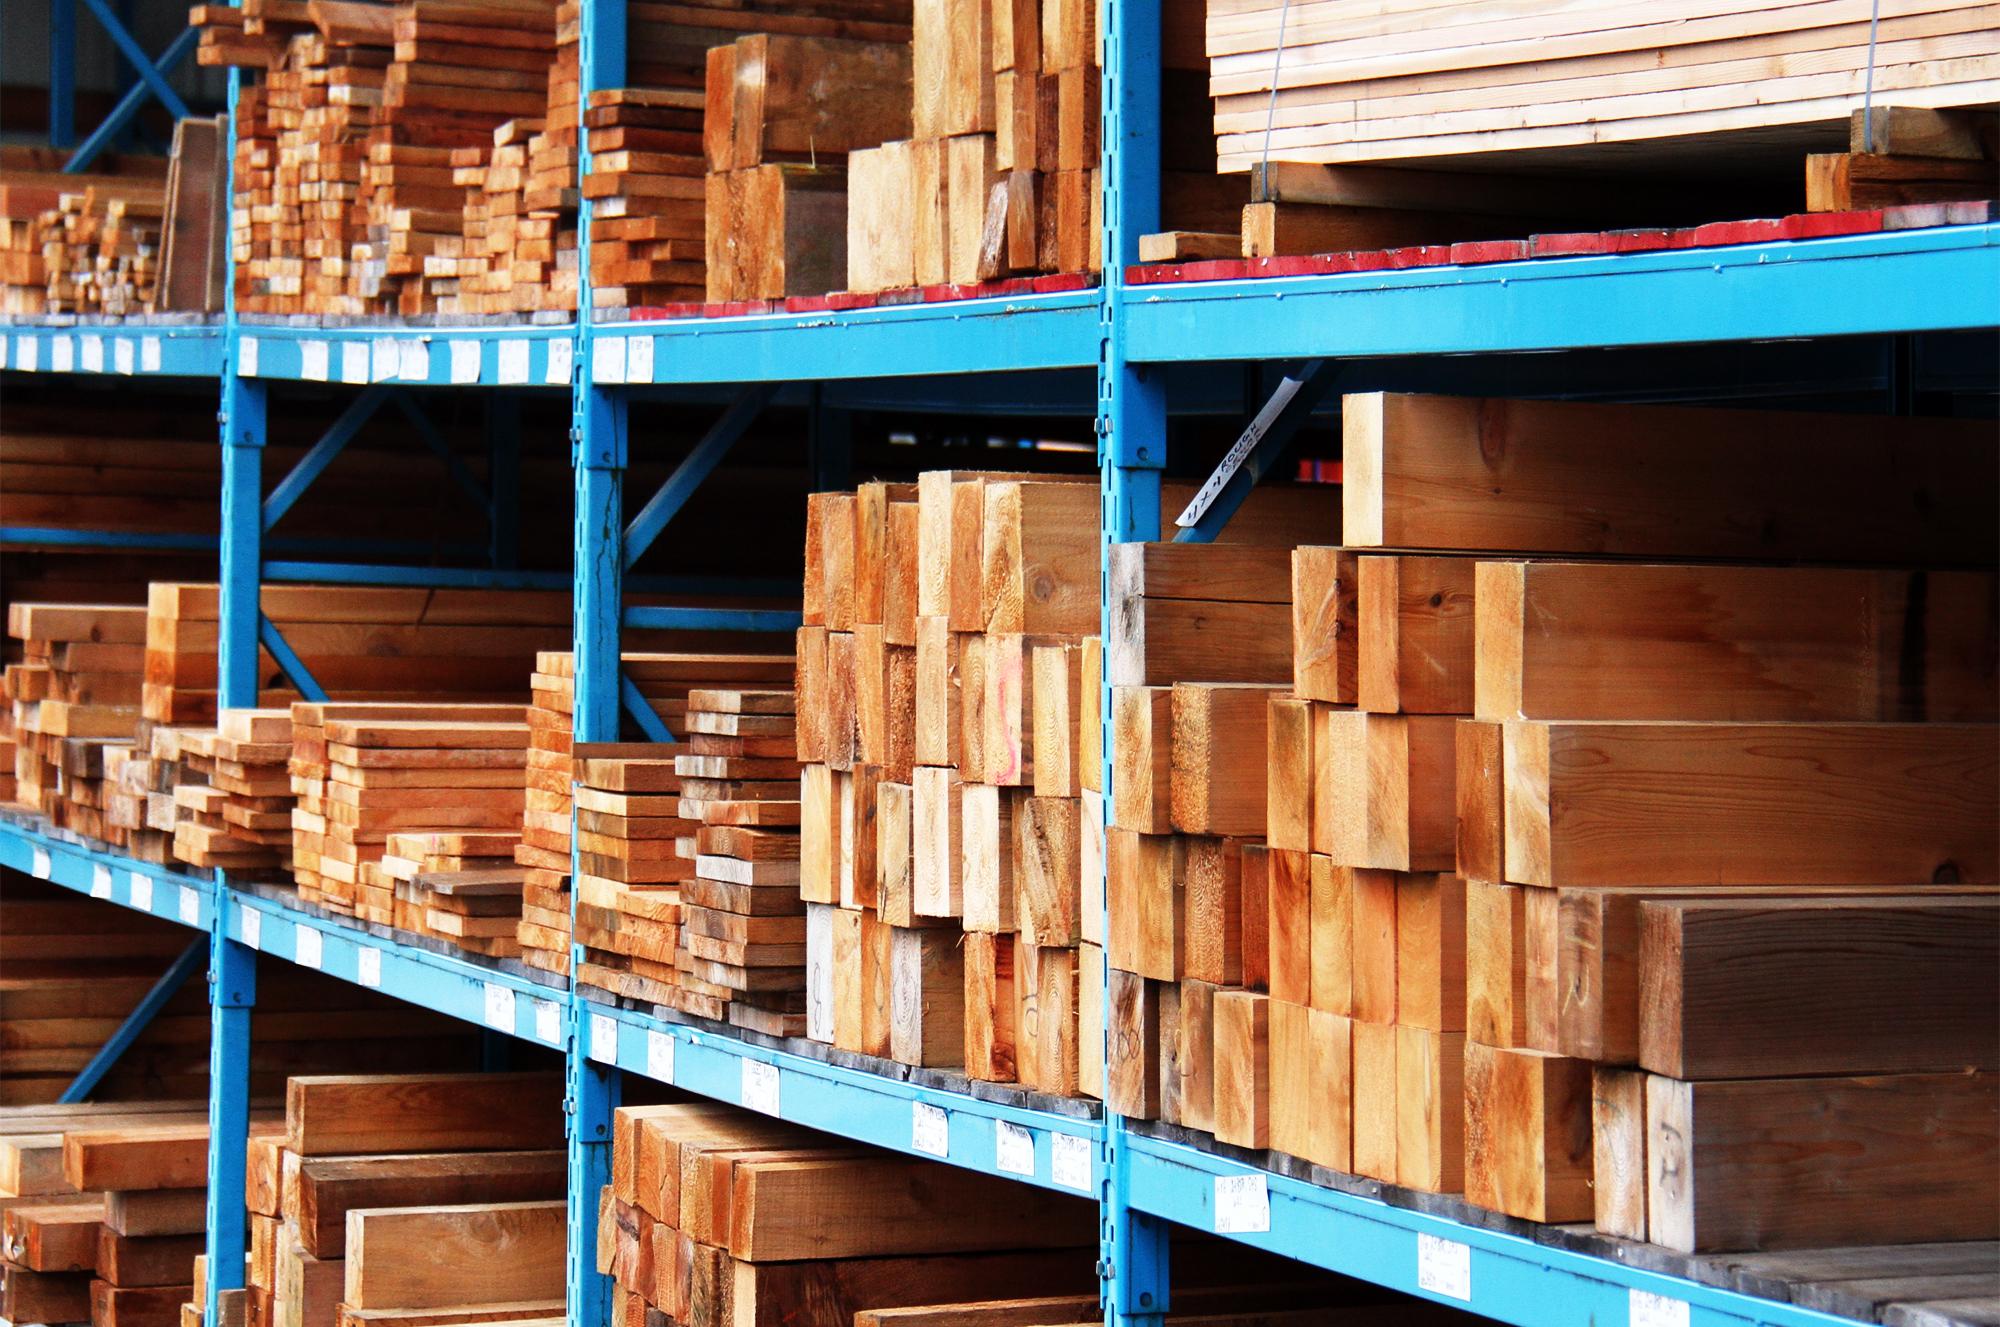 Rough Lumber Standard Building Supplies Ltd